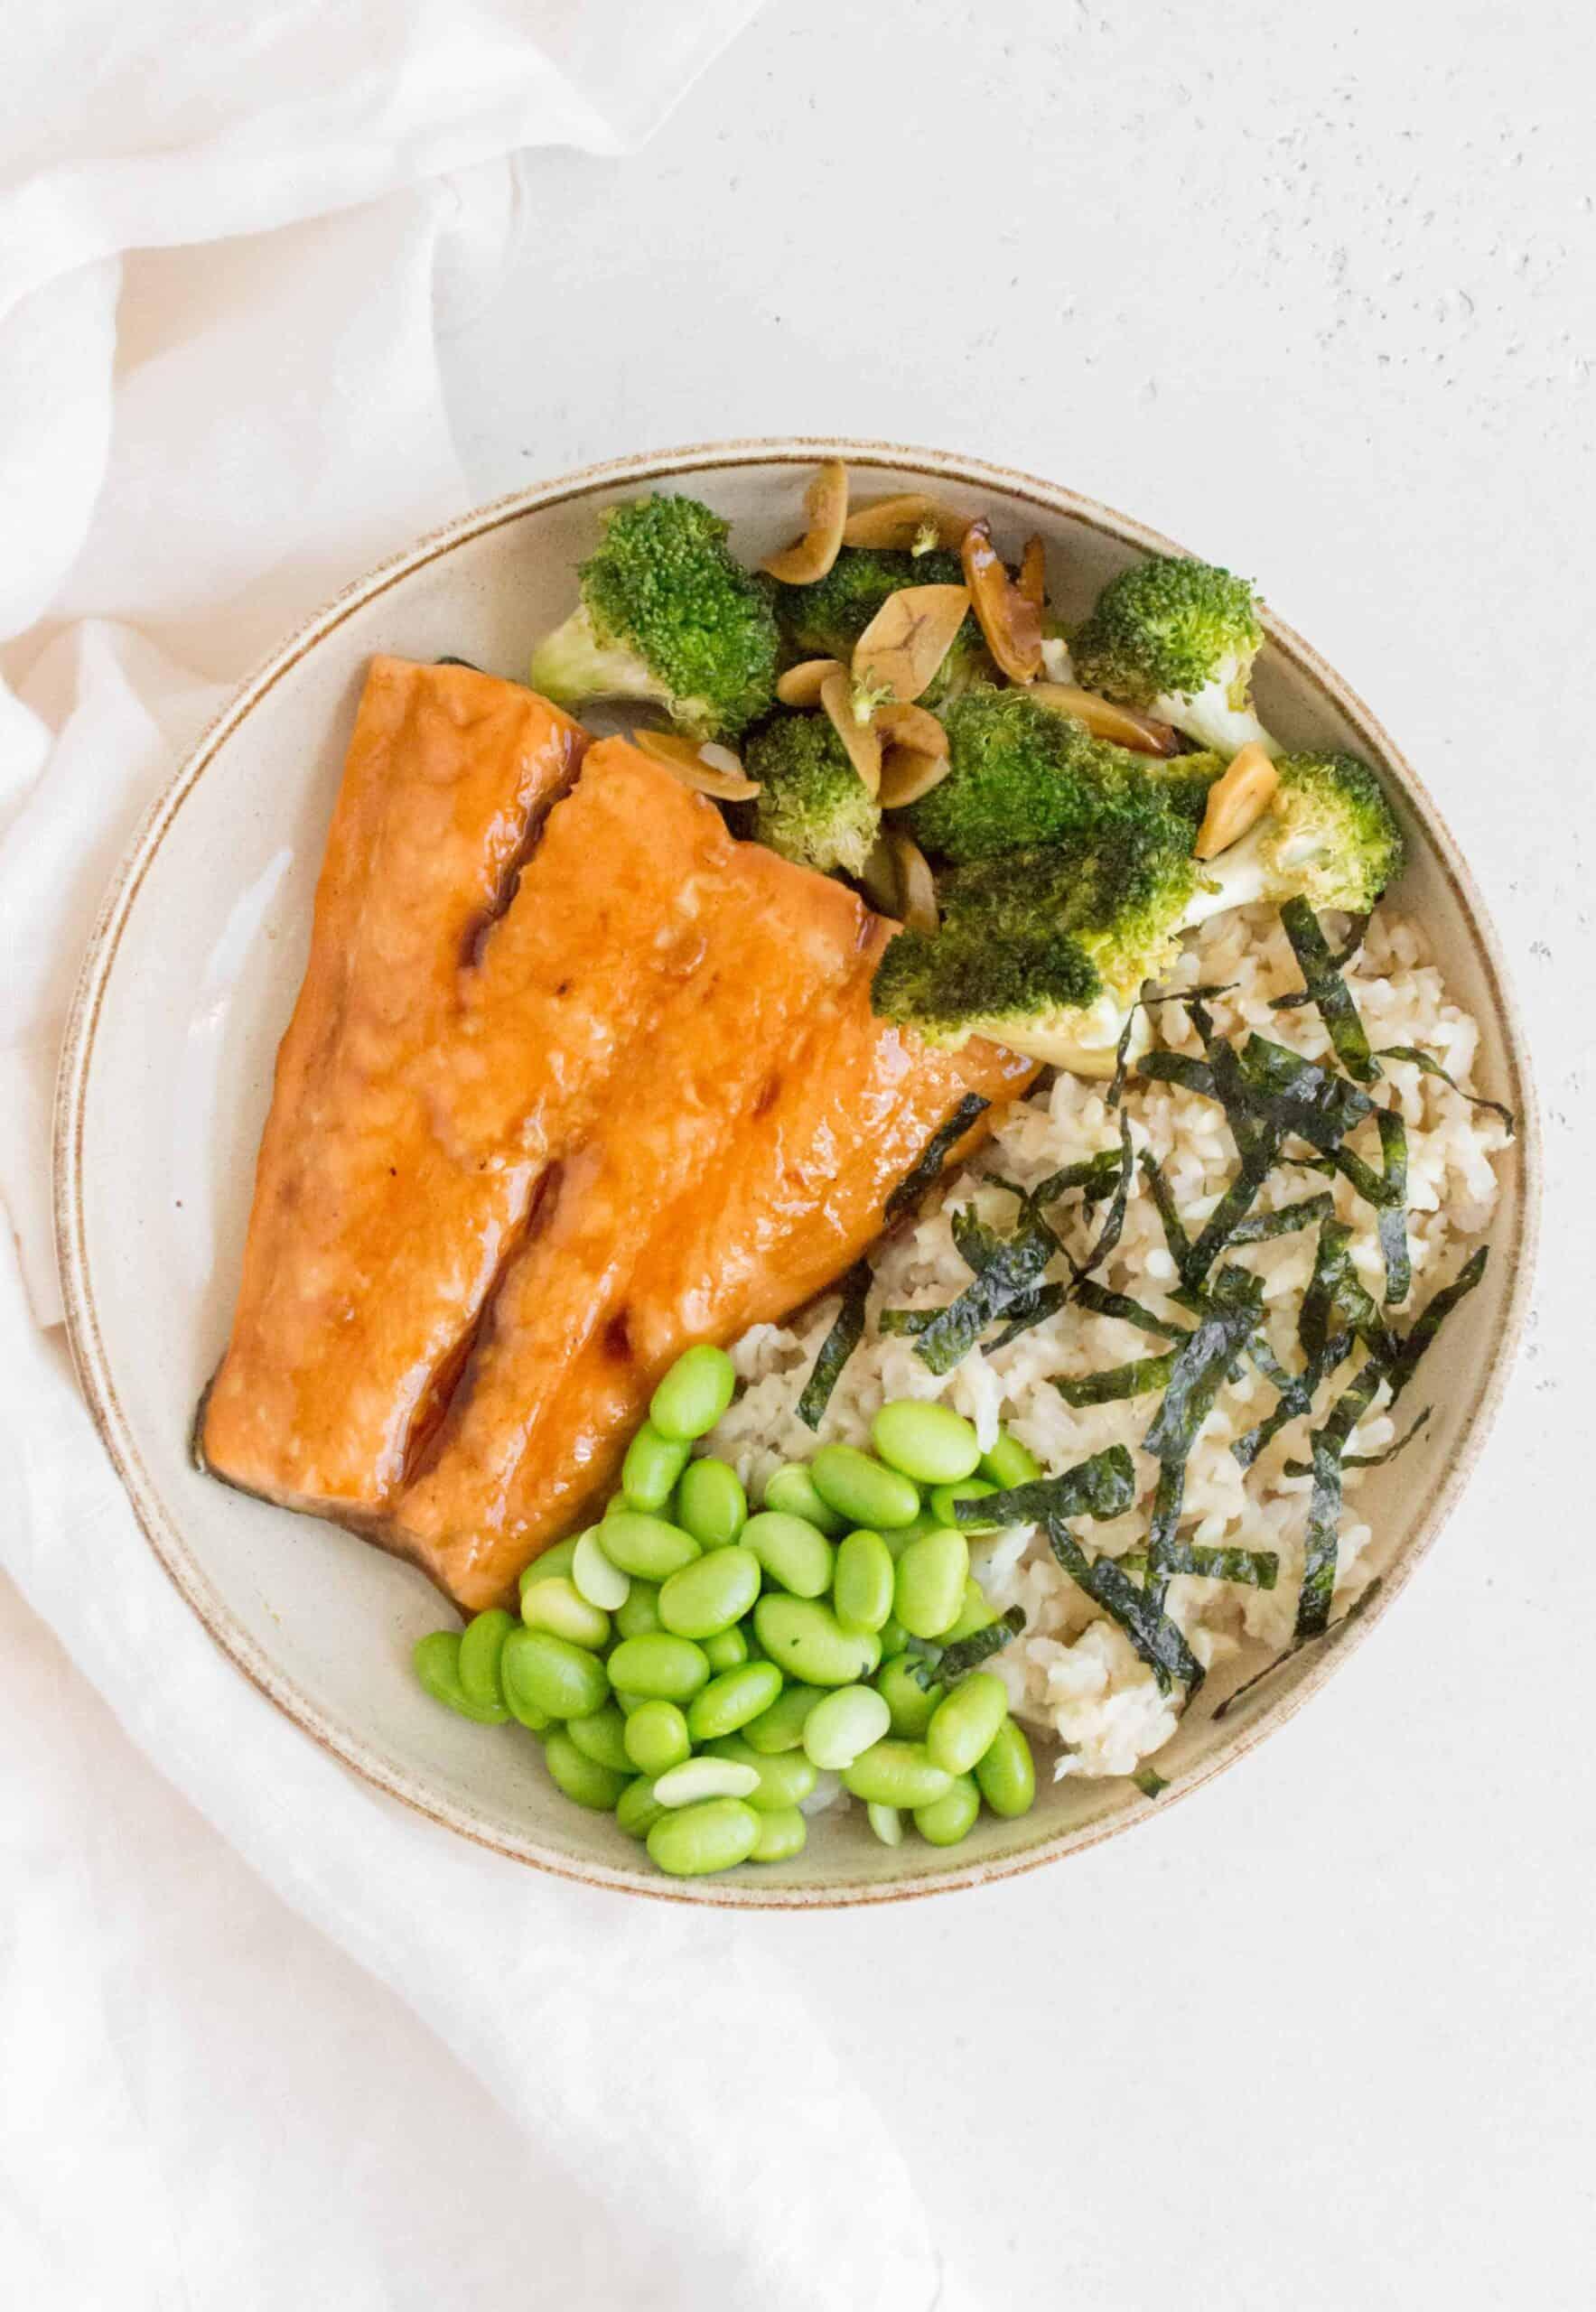 plate with teriyaki salmon with broccoli, edamame, brown rice, and seaweed